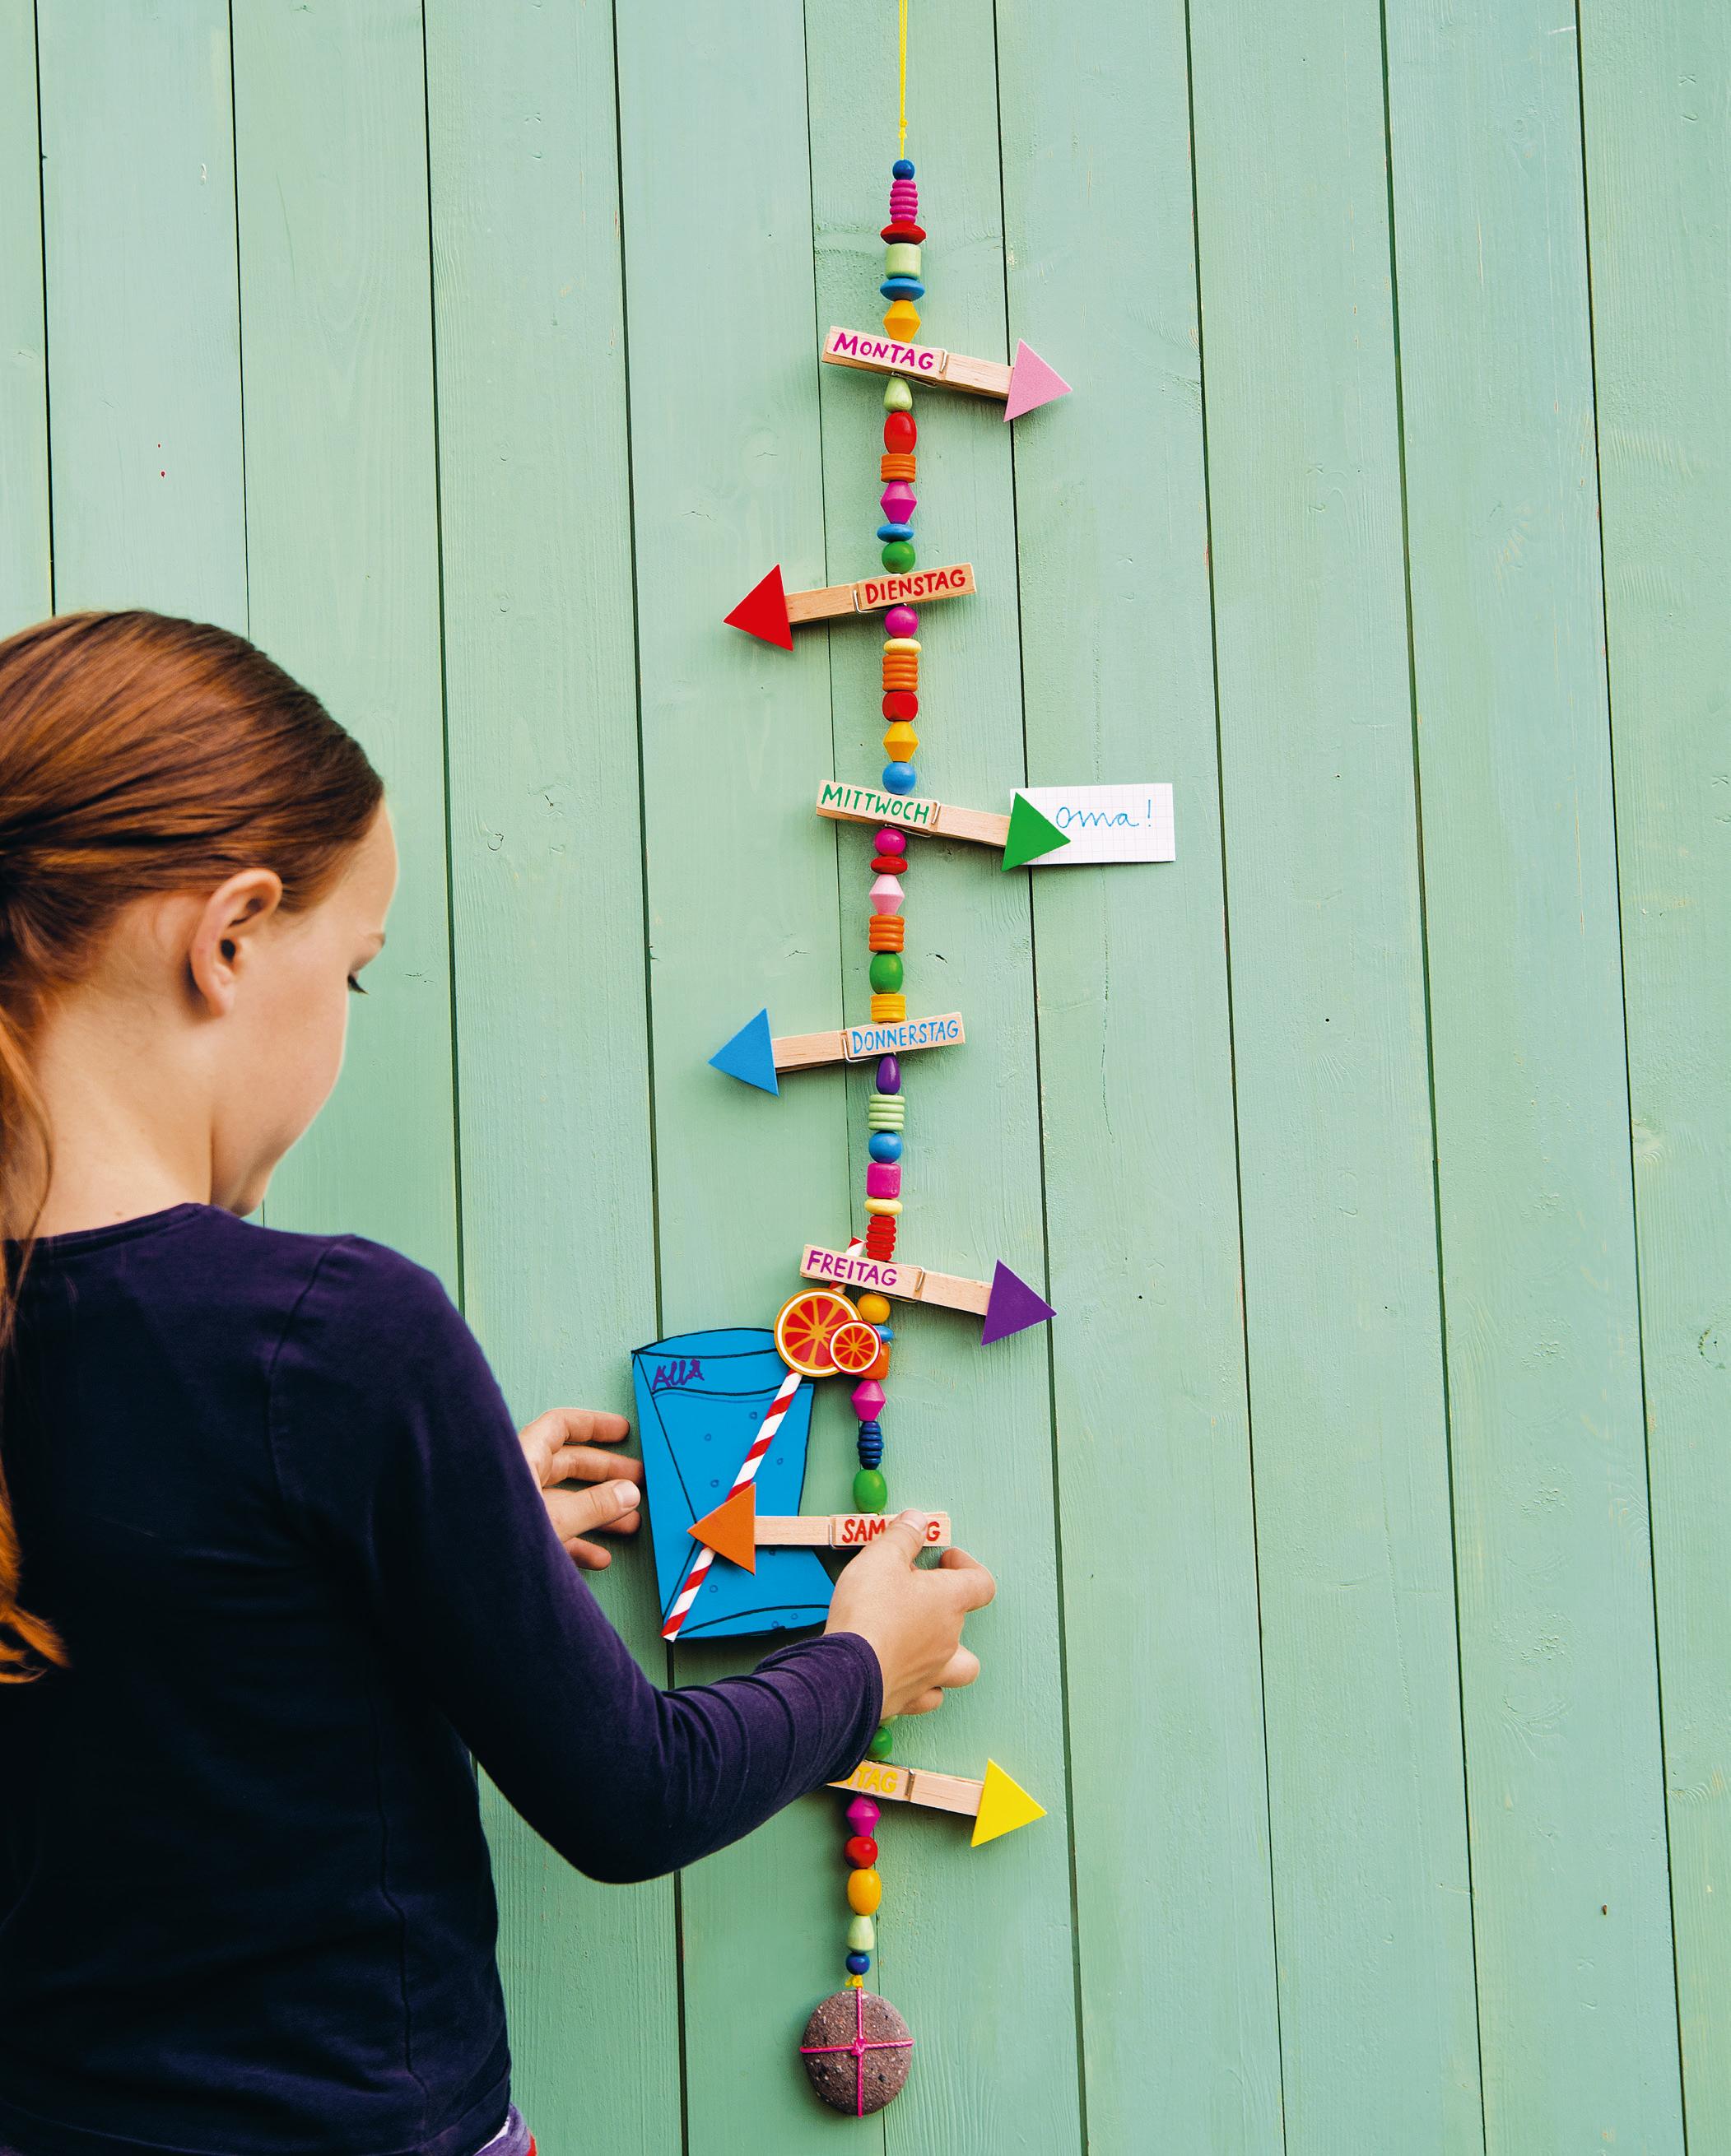 Recycling Basteln Selbstgemachter Wochenplaner Für Kinder